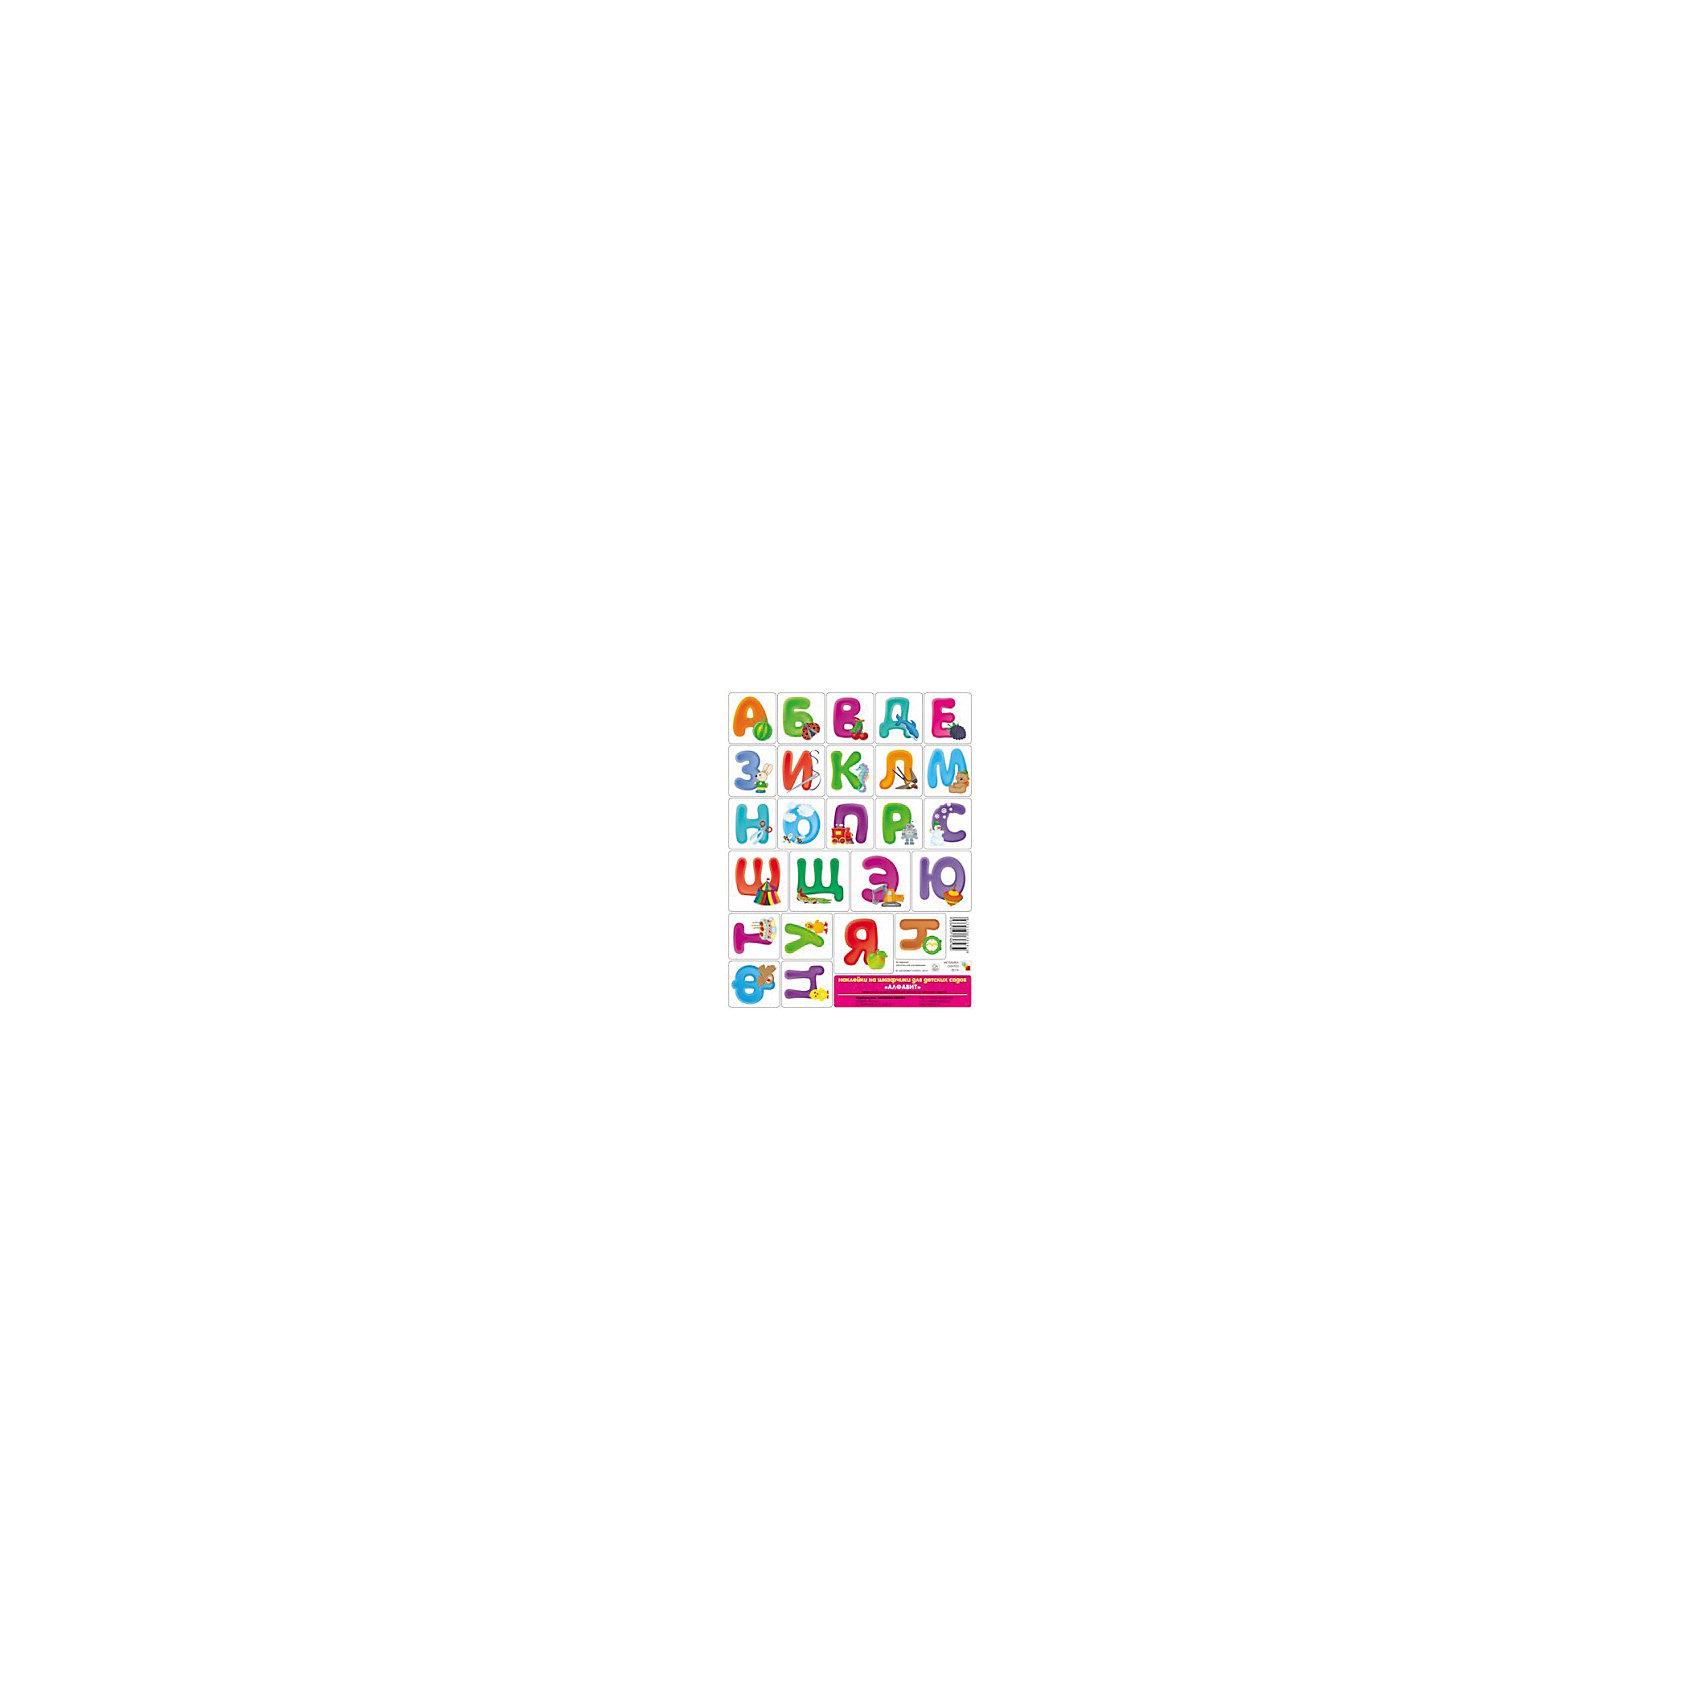 Наклейки на шкафчики для детского сада Алфавит, Мозаика-СинтезНаклейки на шкафчики для детского сада Алфавит, Мозаика-Синтез – эти наклейки станут милым и полезным украшением в группах детского сада.<br>Наклейки на шкафчики для детских садов воспитатель может приклеить на детские кроватки в спальнях, на шкафчики для одежды, на горшочки или на шкафчики для полотенец в умывальной комнате. Наклейки не только украсят детский сад, но также помогут каждому ребенку найти его полотенце или кроватку. Яркие картинки обязательно понравятся малышам. Набор, состоящий из 75 наклеек, рассчитан на 25 человек: одна большая и две маленькие наклейки для каждого ребенка.<br><br>Дополнительная информация:<br><br>- В наборе: 75 наклеек (25 больших наклеек, 50 маленьких наклеек)<br>- Издательство: Мозаика-Синтез<br>- Серия: Наклейки для детского сада<br>- Размер упаковки: 280х215х3 мм.<br>- Вес: 85 г.<br><br>Наклейки на шкафчики для детского сада Алфавит, Мозаика-Синтез можно купить в нашем интернет-магазине.<br><br>Ширина мм: 280<br>Глубина мм: 215<br>Высота мм: 3<br>Вес г: 85<br>Возраст от месяцев: 36<br>Возраст до месяцев: 60<br>Пол: Унисекс<br>Возраст: Детский<br>SKU: 4030554